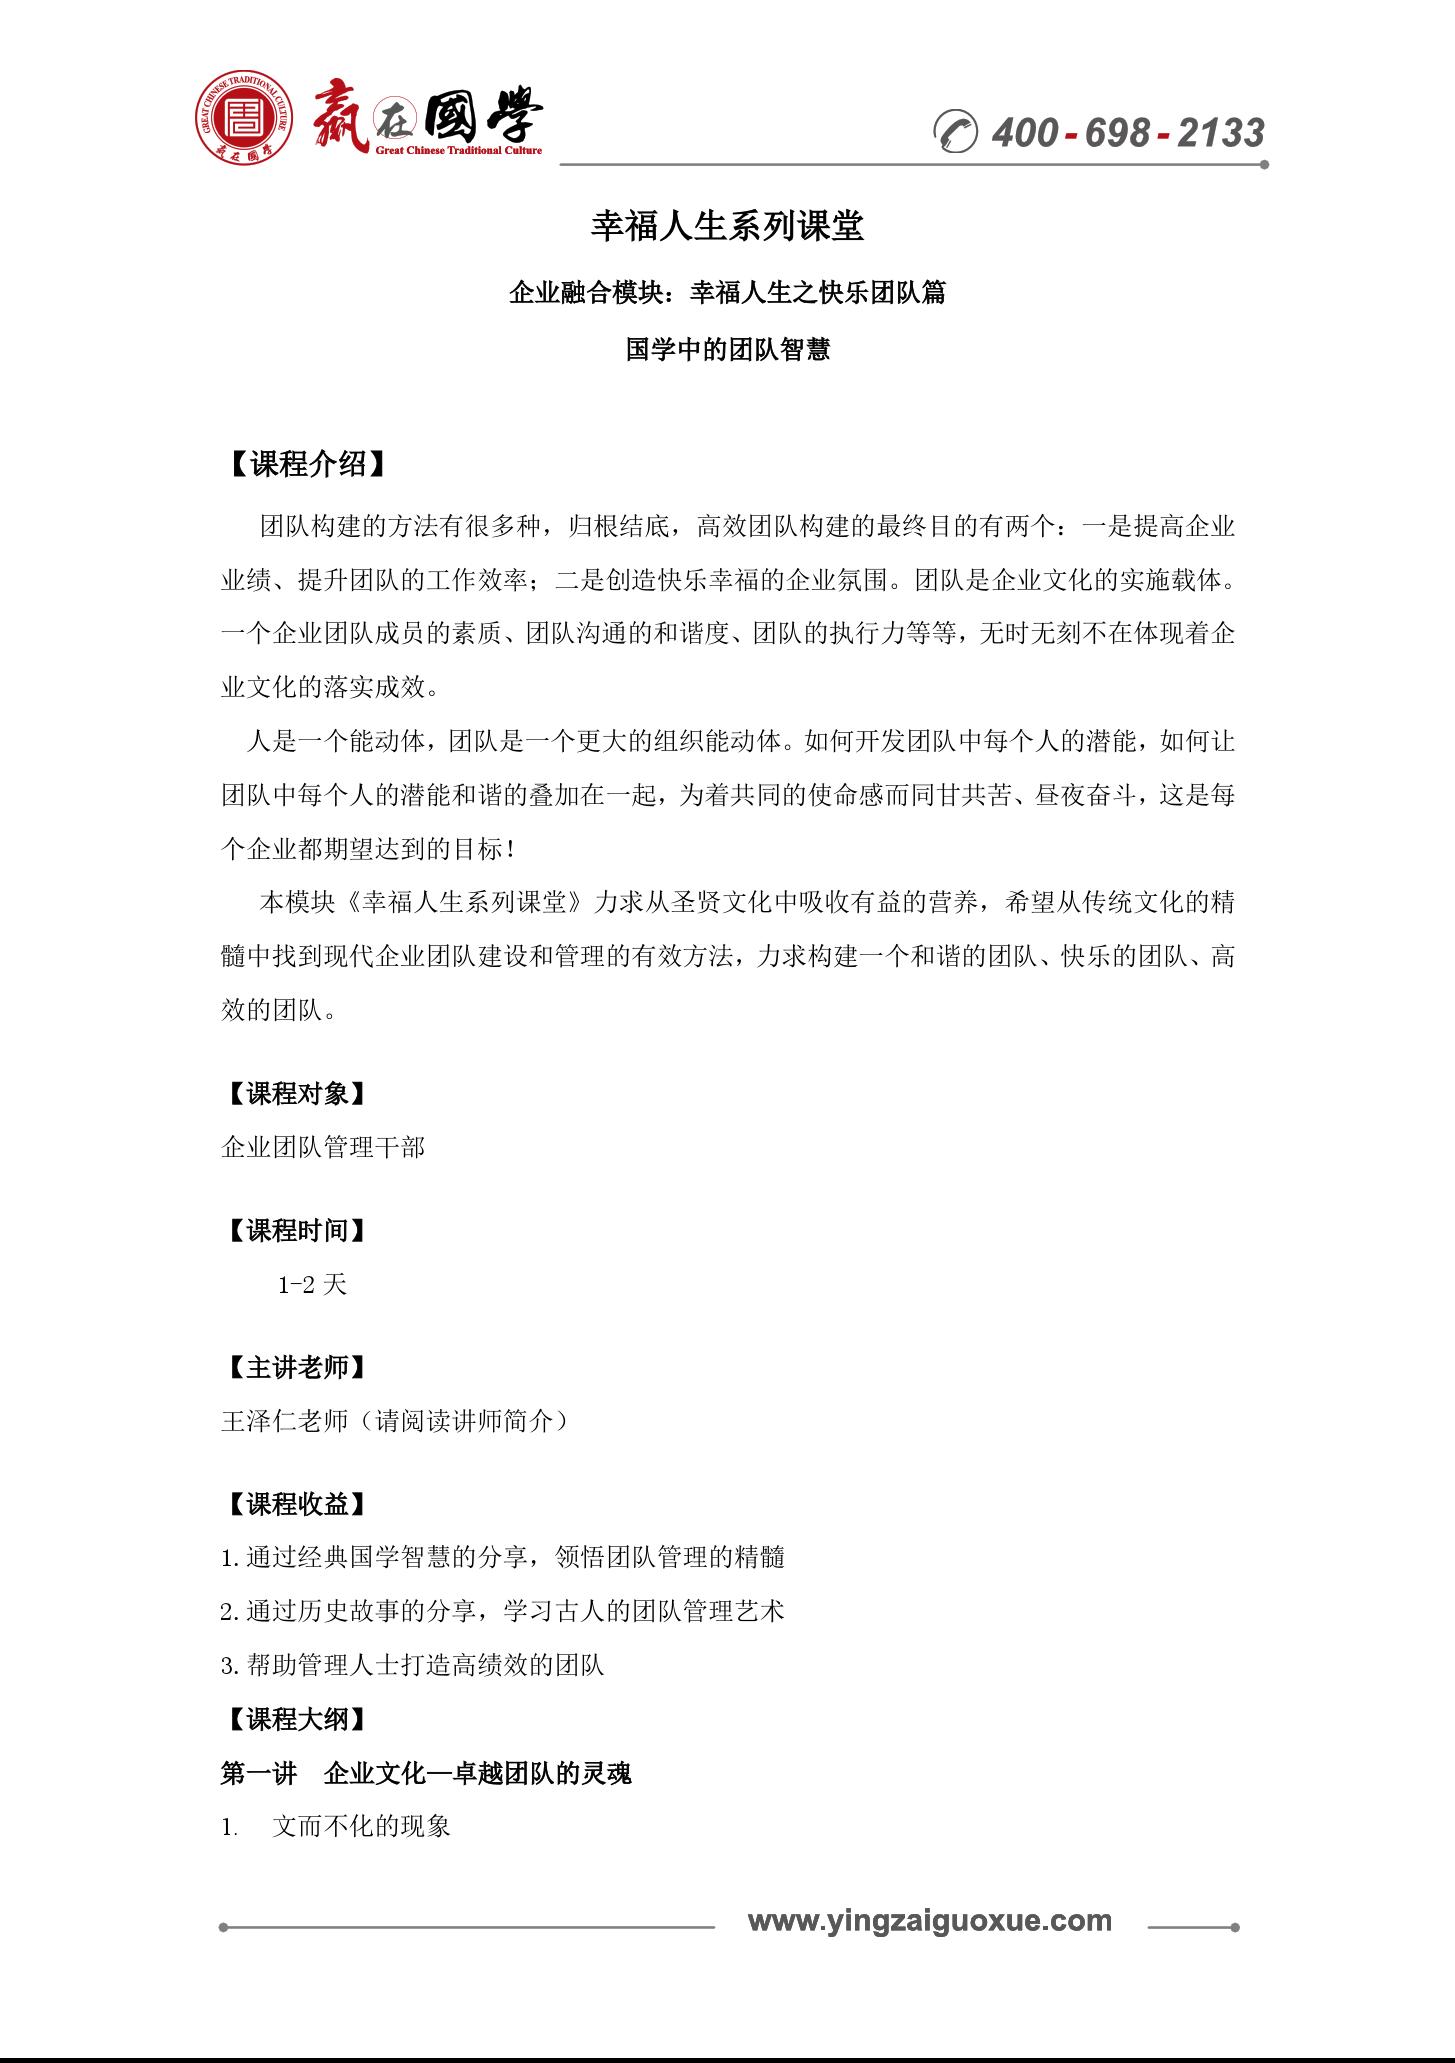 幸福人生系列课堂之国学中的团队智慧(王泽仁老师)